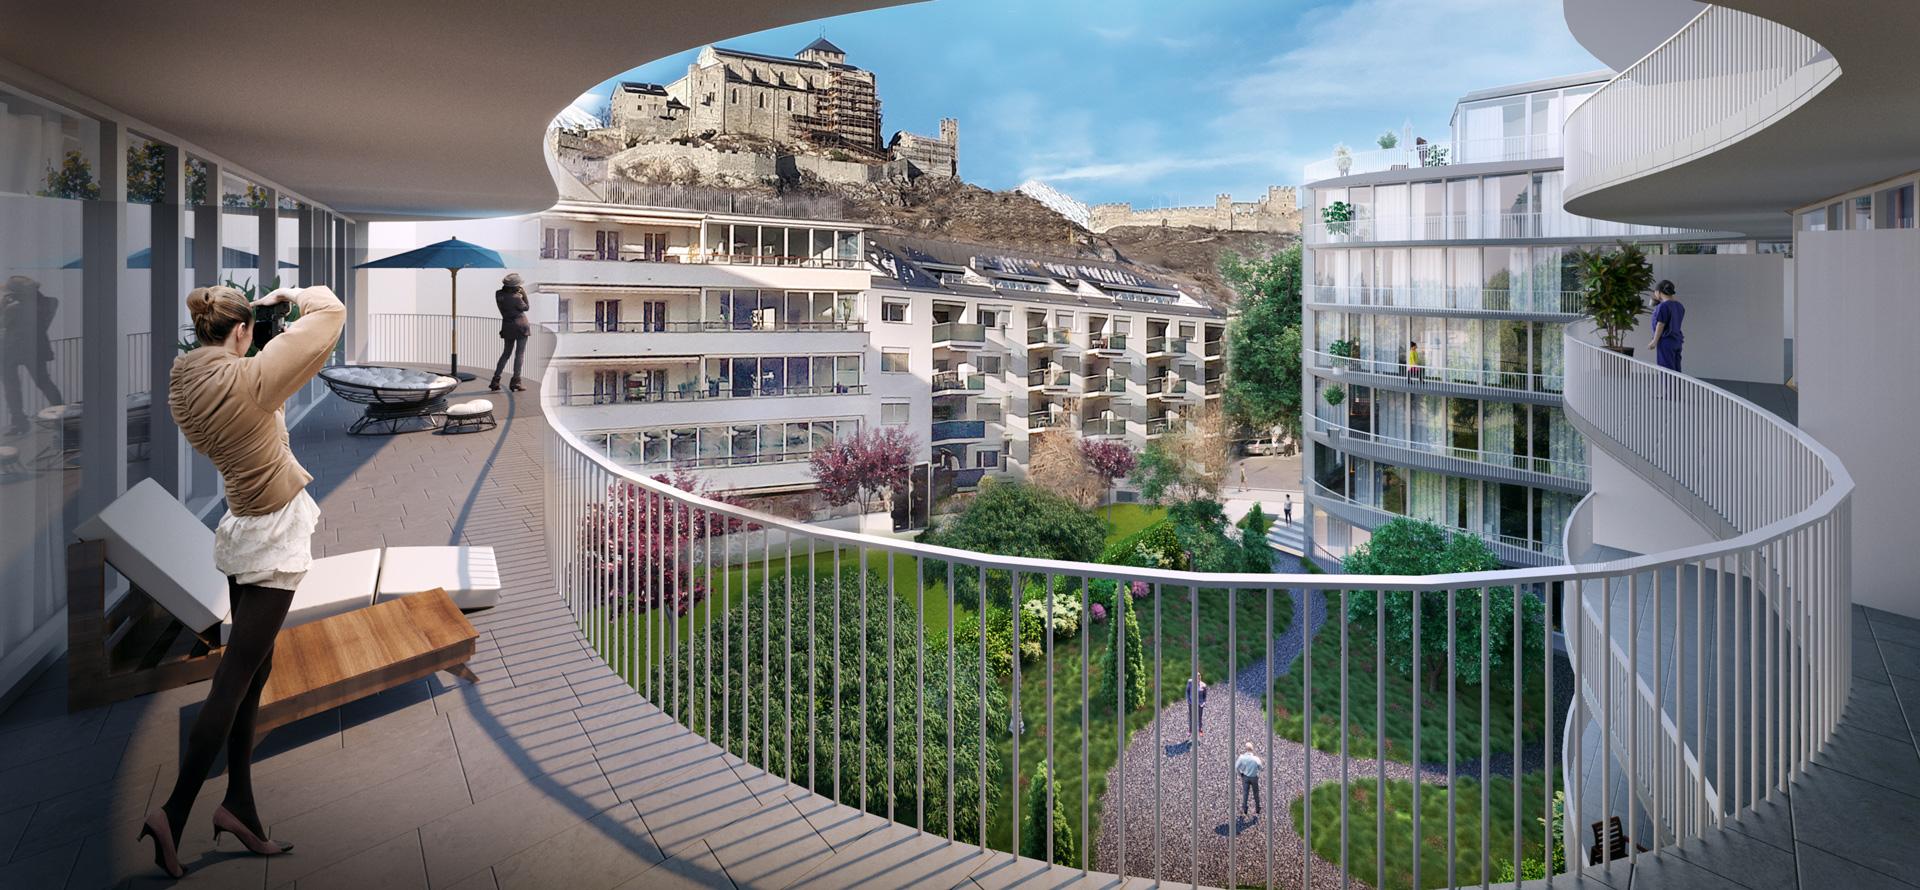 Immeuble La Clarté – Sion (VS)2